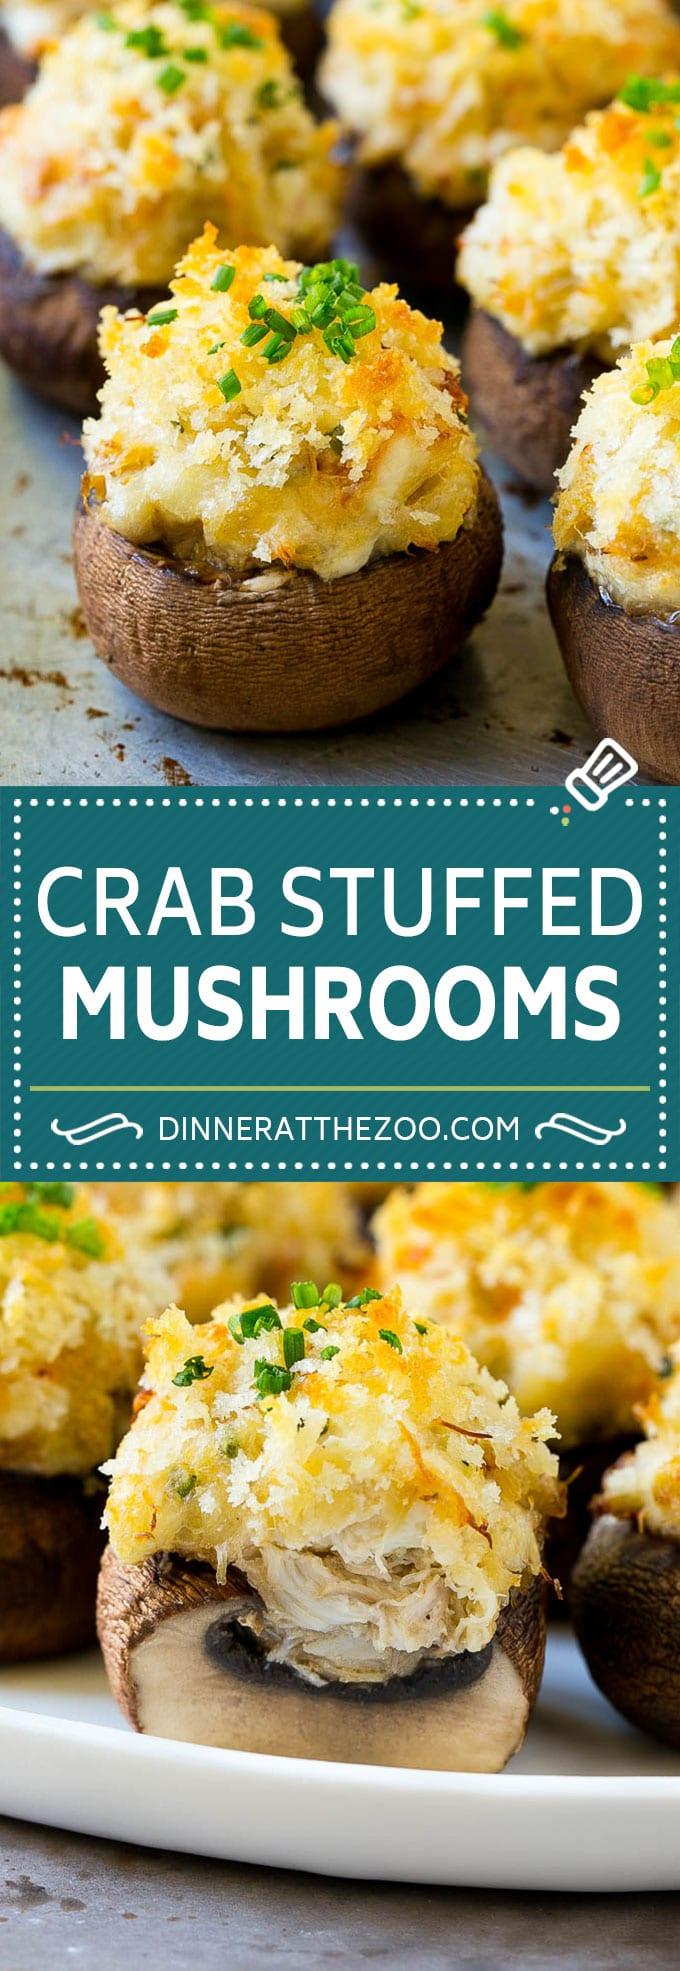 Receta de champiñones rellenos de cangrejo |  Champiñones rellenos |  Aperitivo de hongos # cangrejo #frutas del mar # hongos # carbohidratos bajos #aperitivo #dinneratthezoo